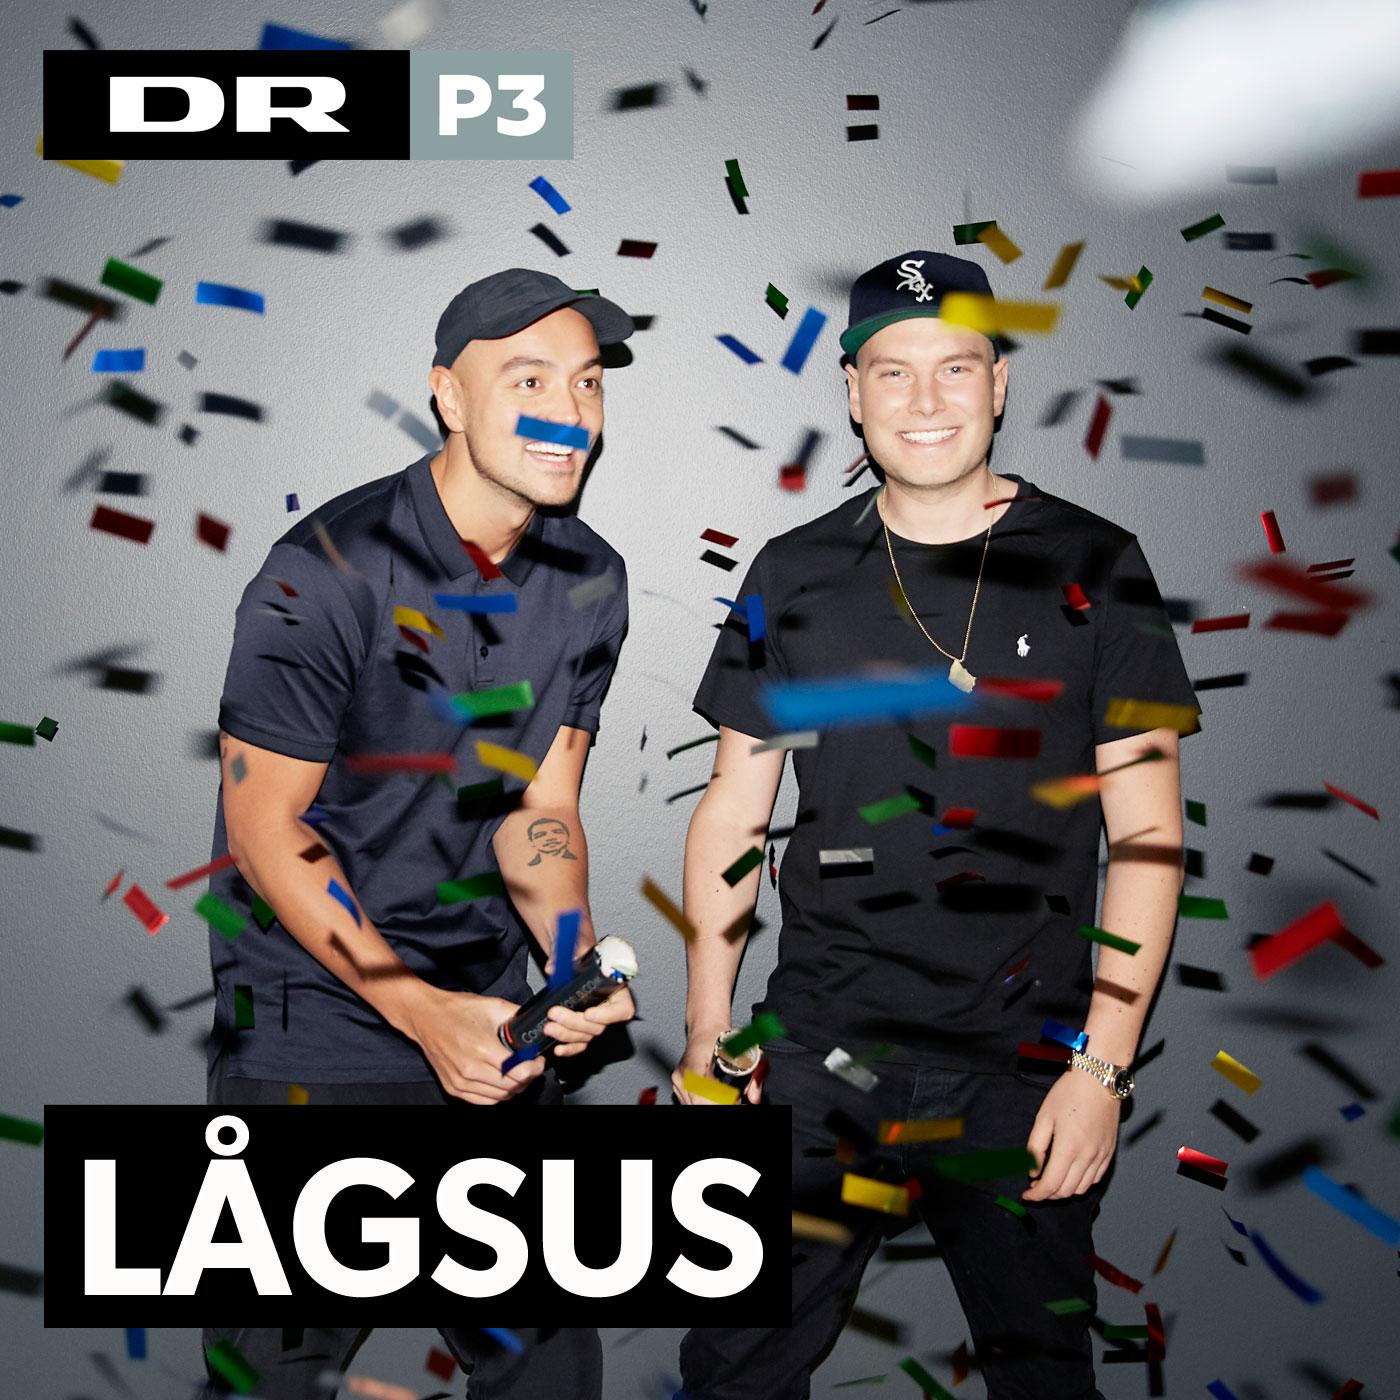 Lågsus